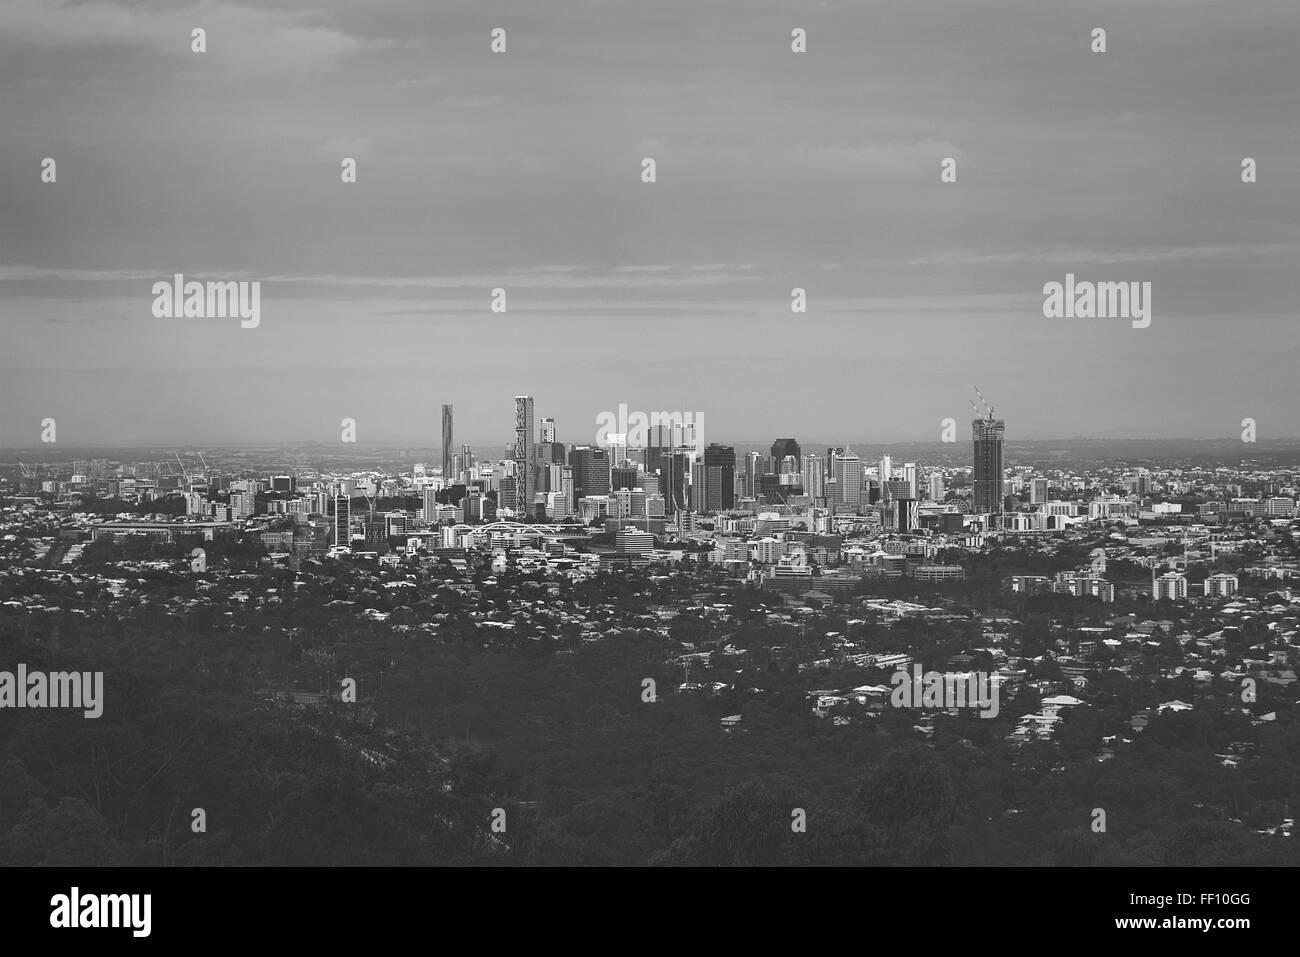 Brisbane Cityscape Monochrome - Stock Image